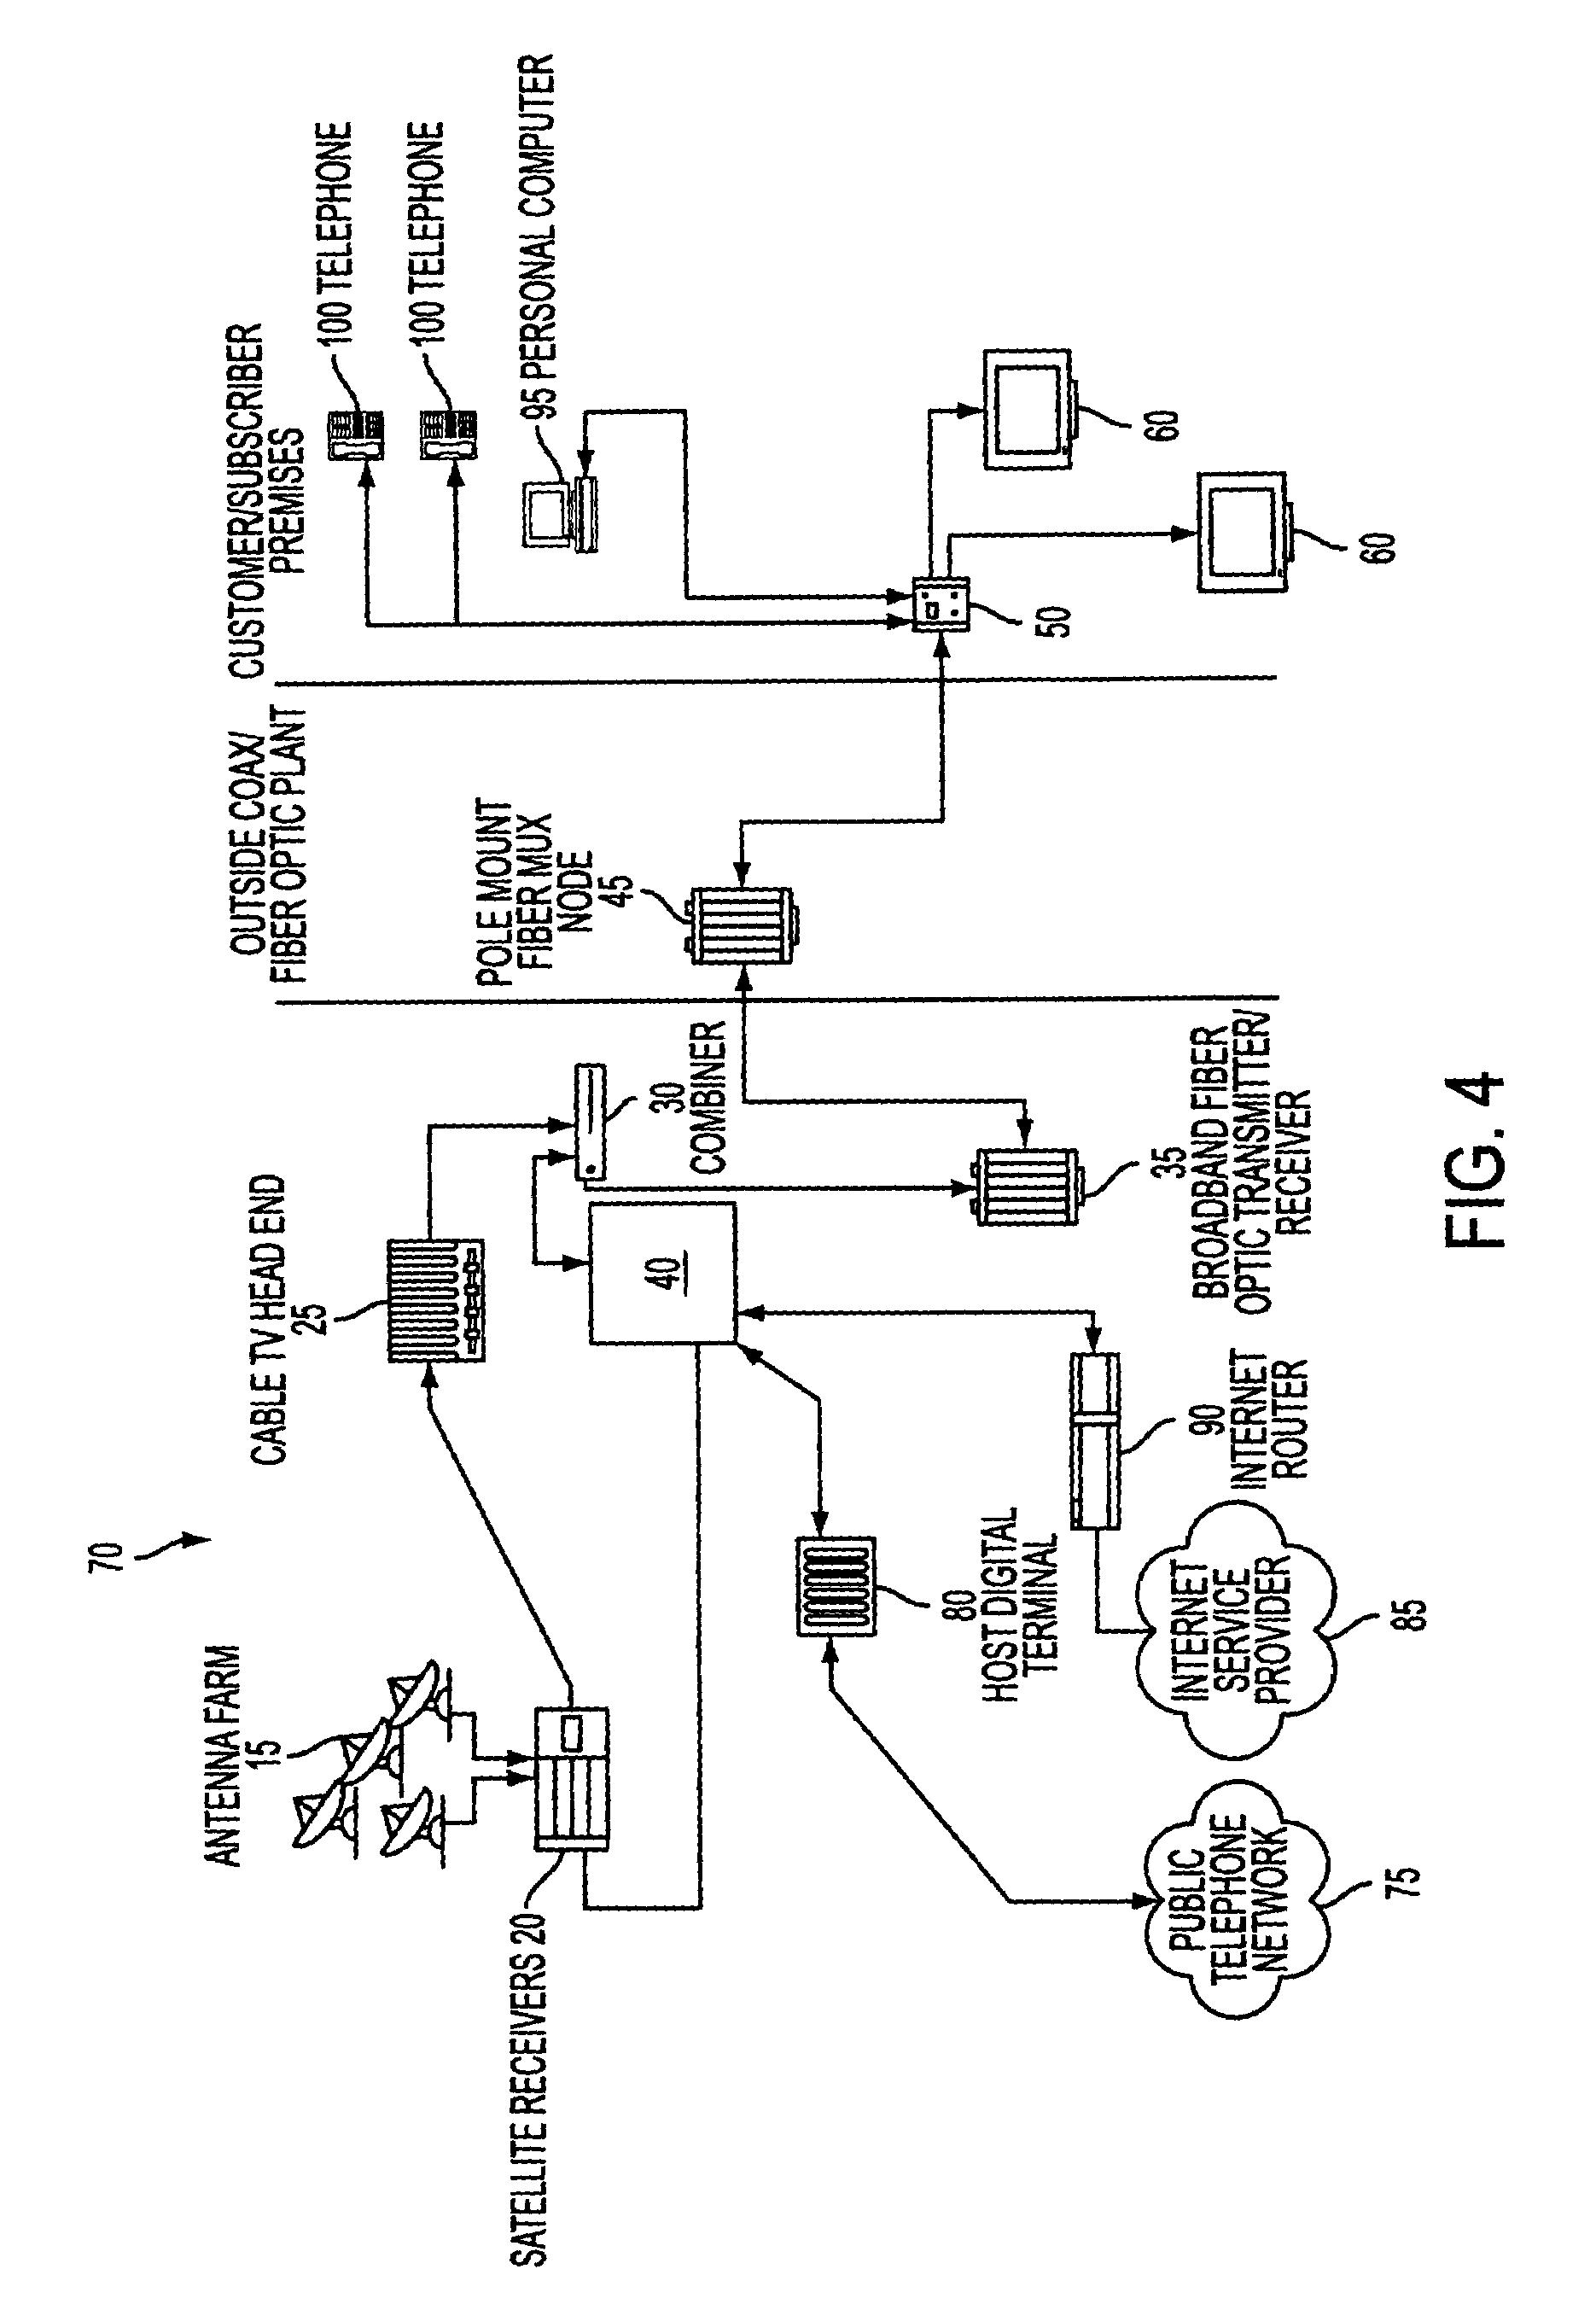 patent us7027483